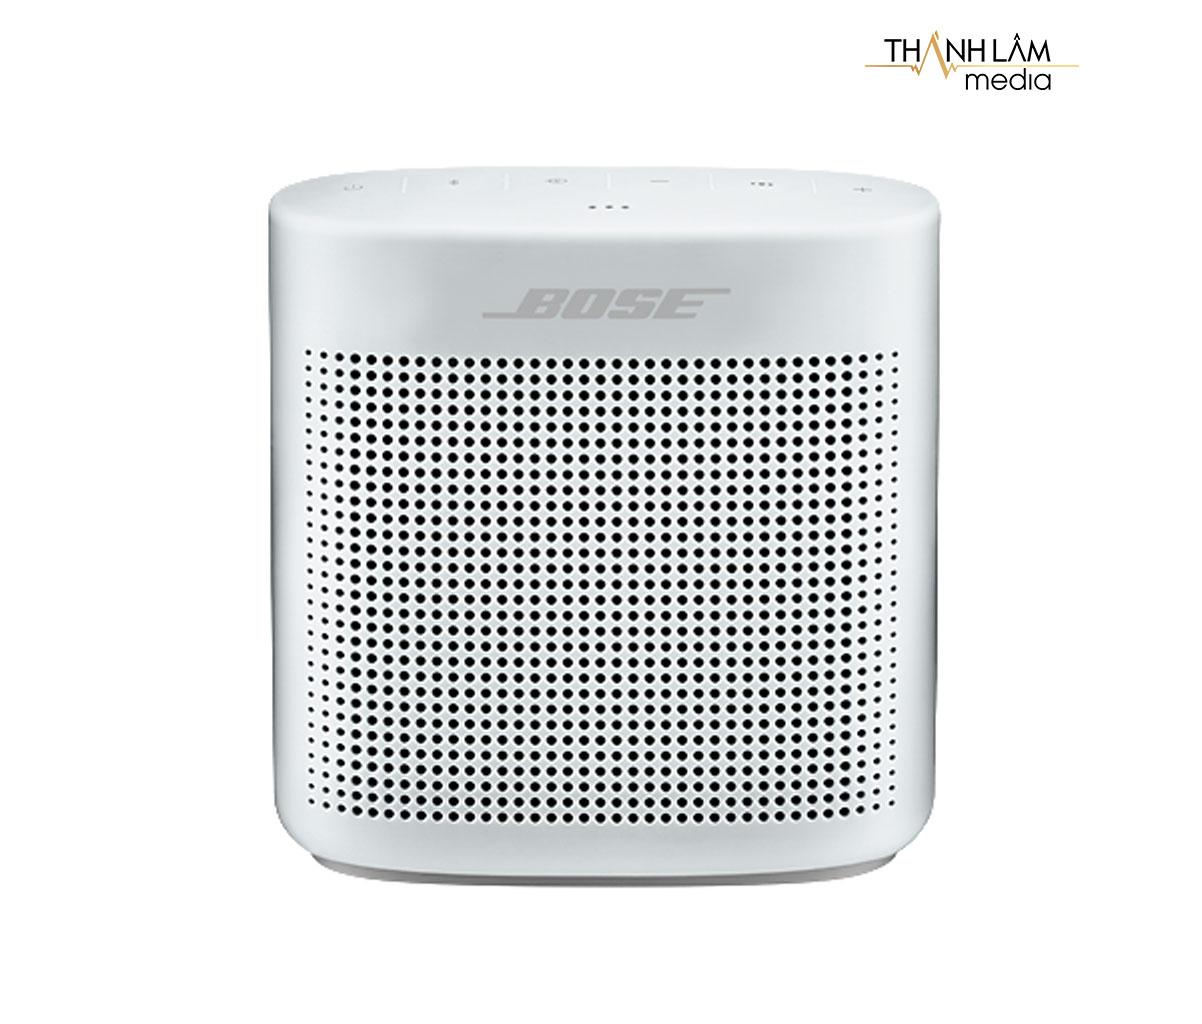 Loa-Bose-SoundLink-Color-2-Trang-2